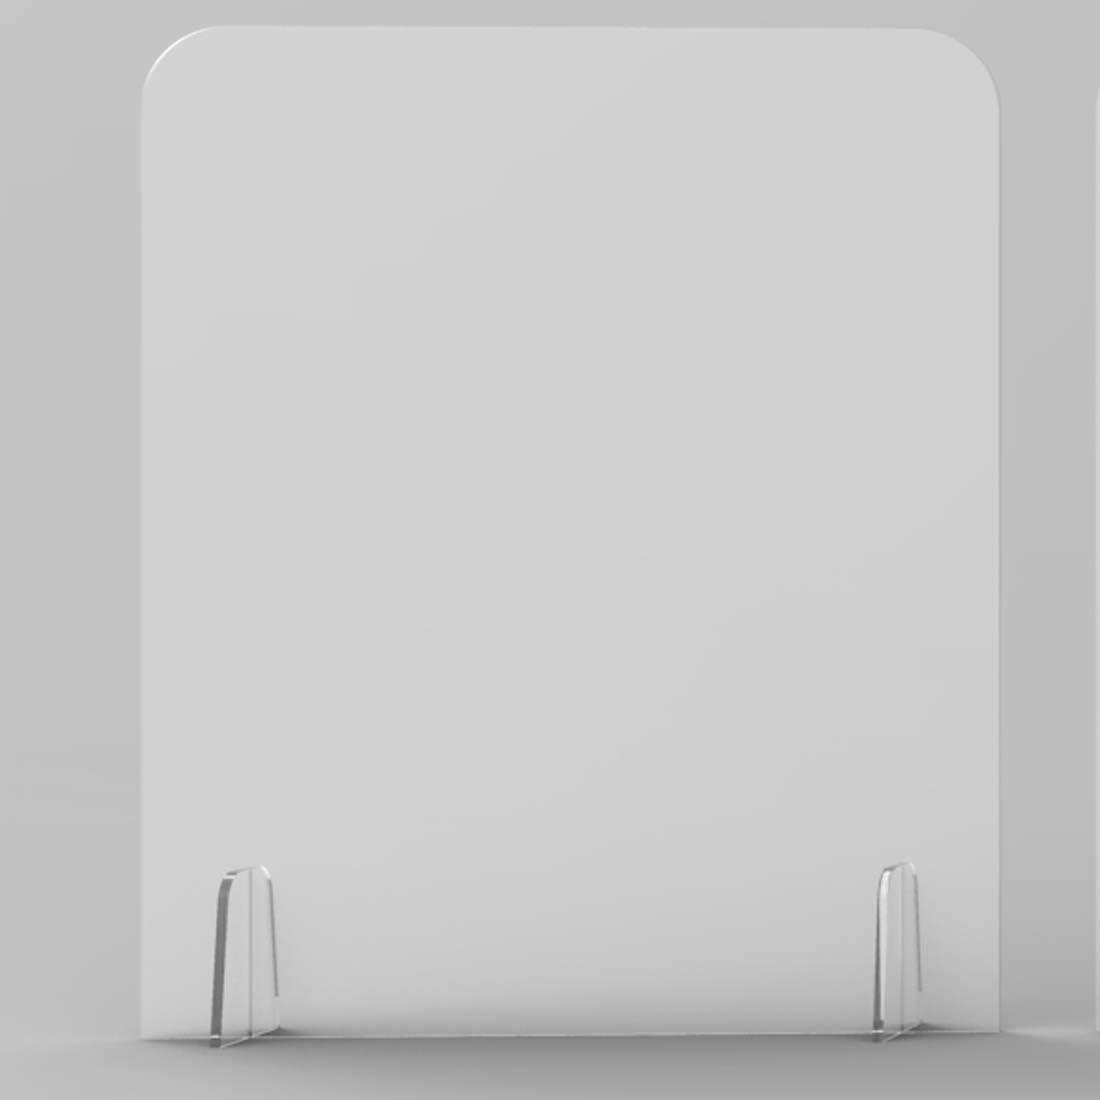 INMAKER - Protector de estornudos para mostrador, 50 cm de ancho x 24 cm de alto, barrera de plexiglás, escudo acrílico para escritorio